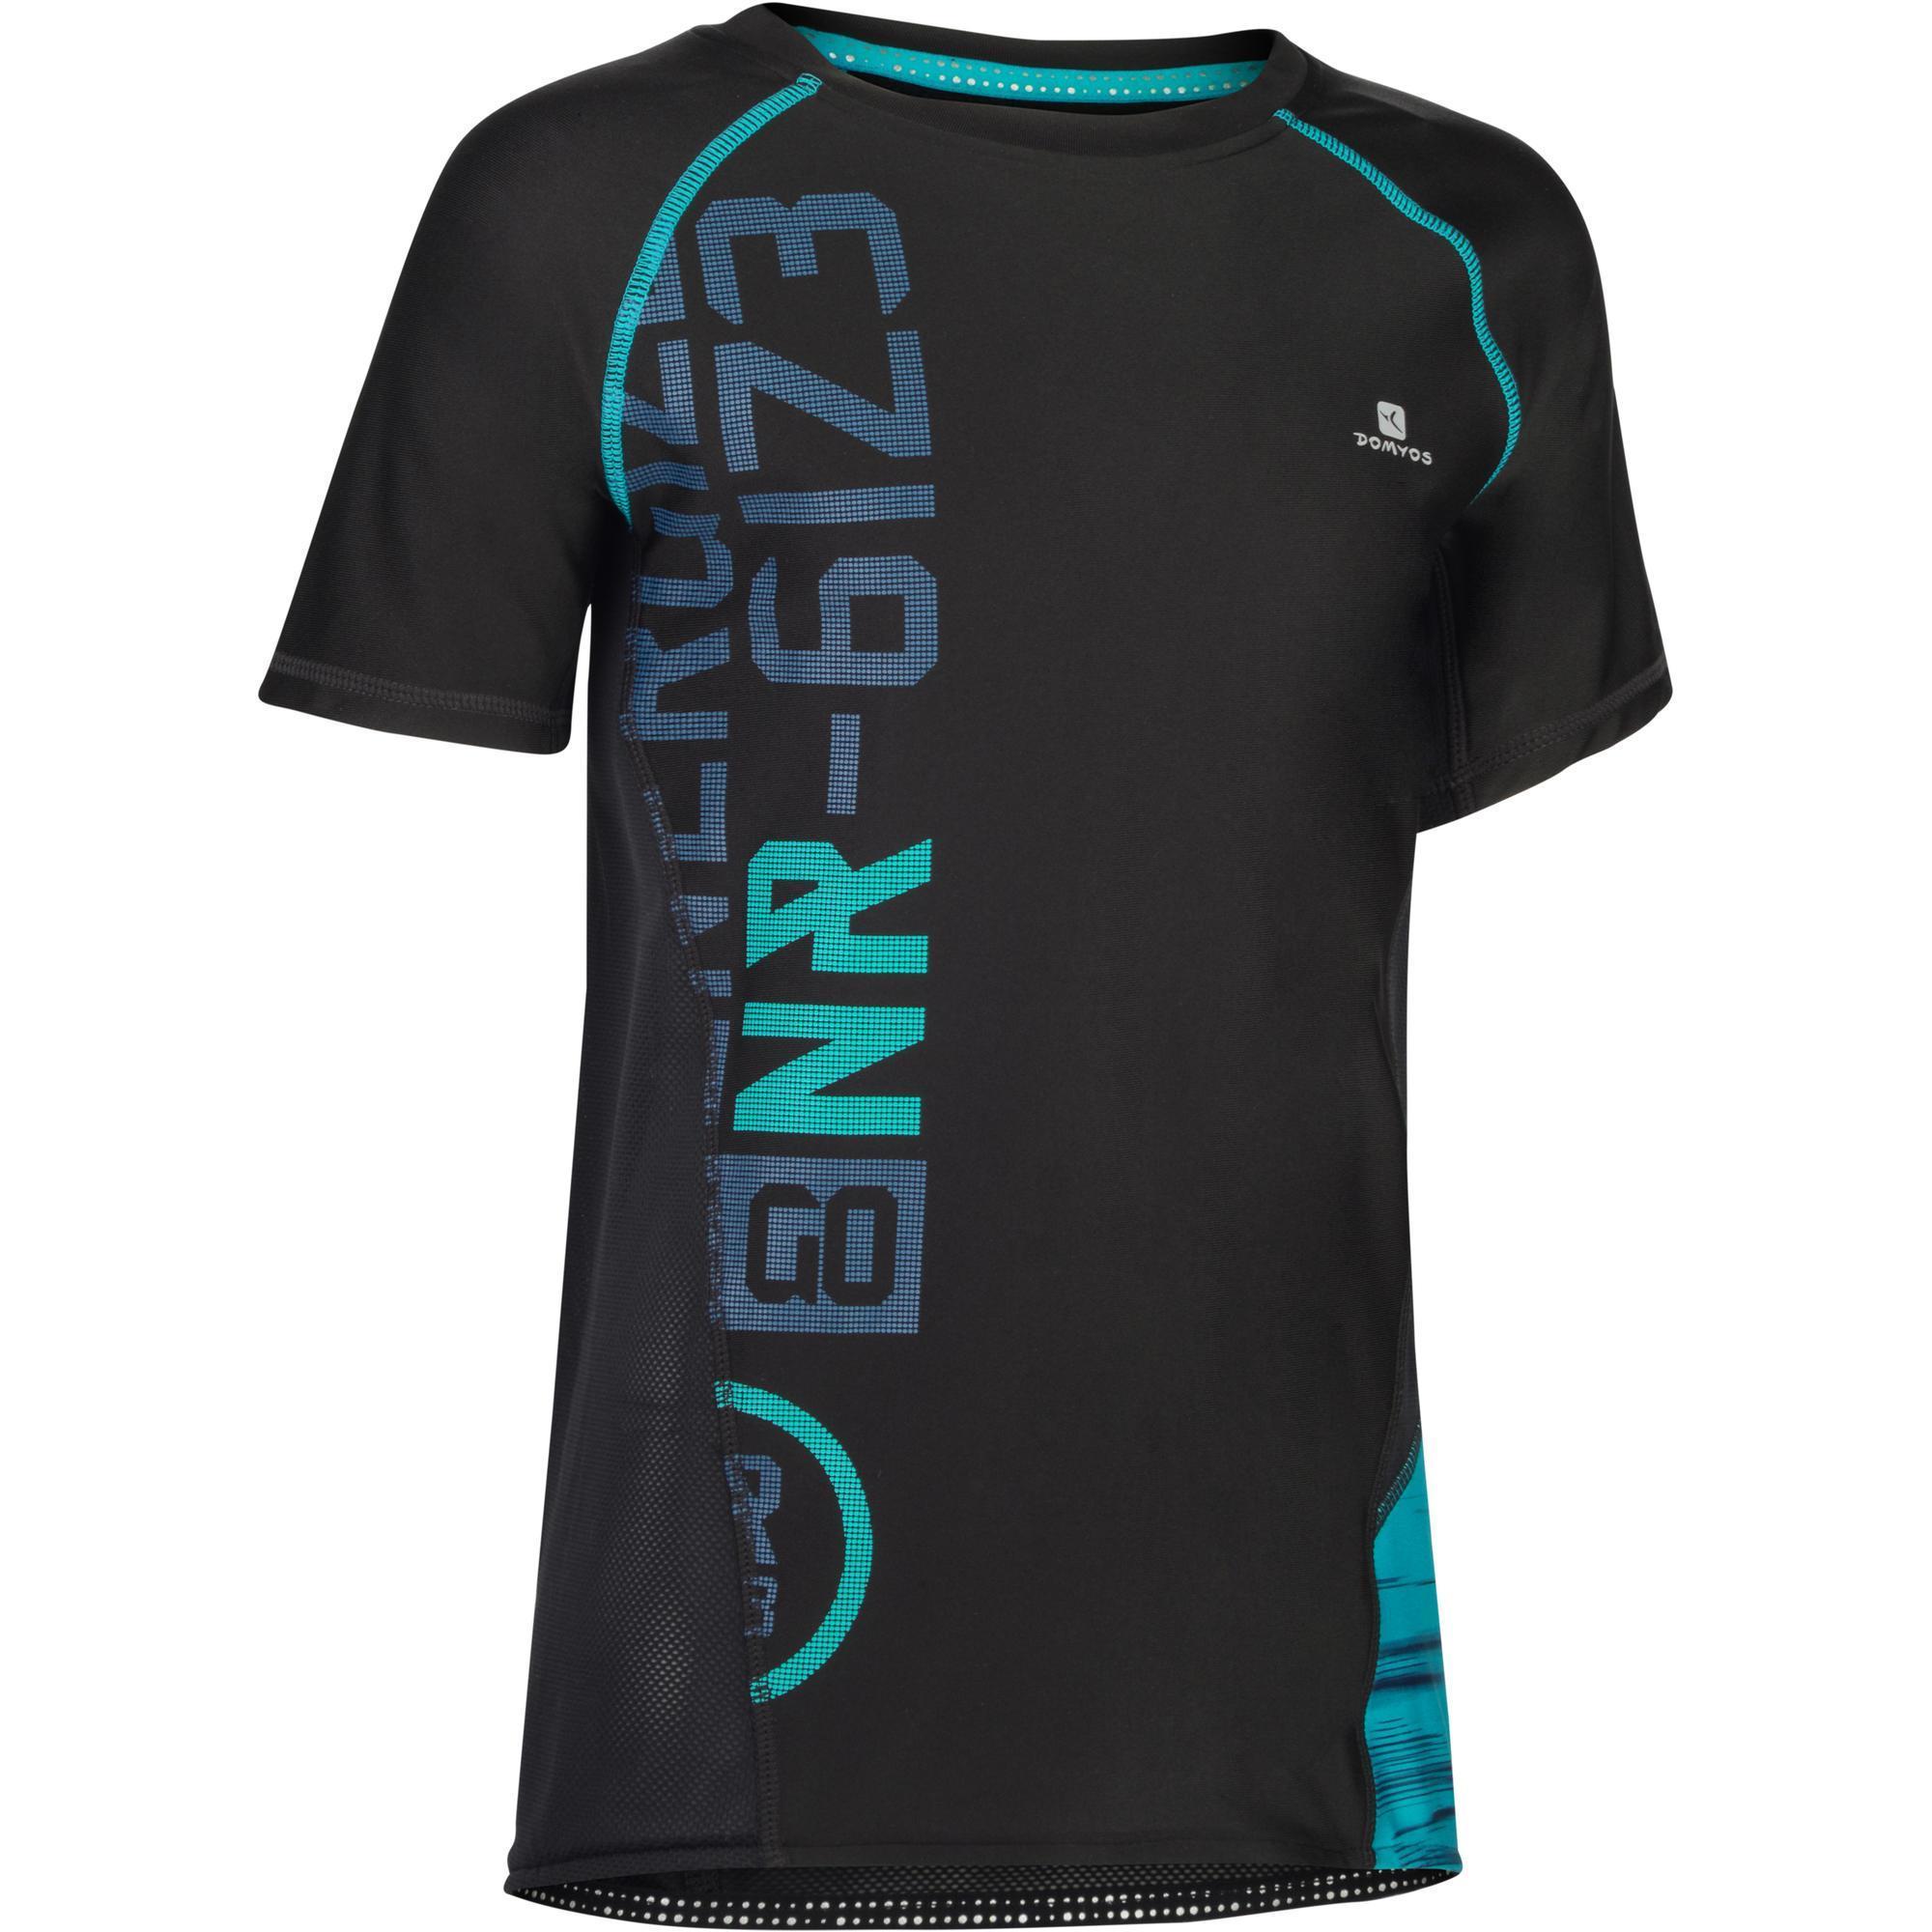 Domyos Gym T-shirt met korte mouwen slim fit S900 voor jongens zwart met opdruk